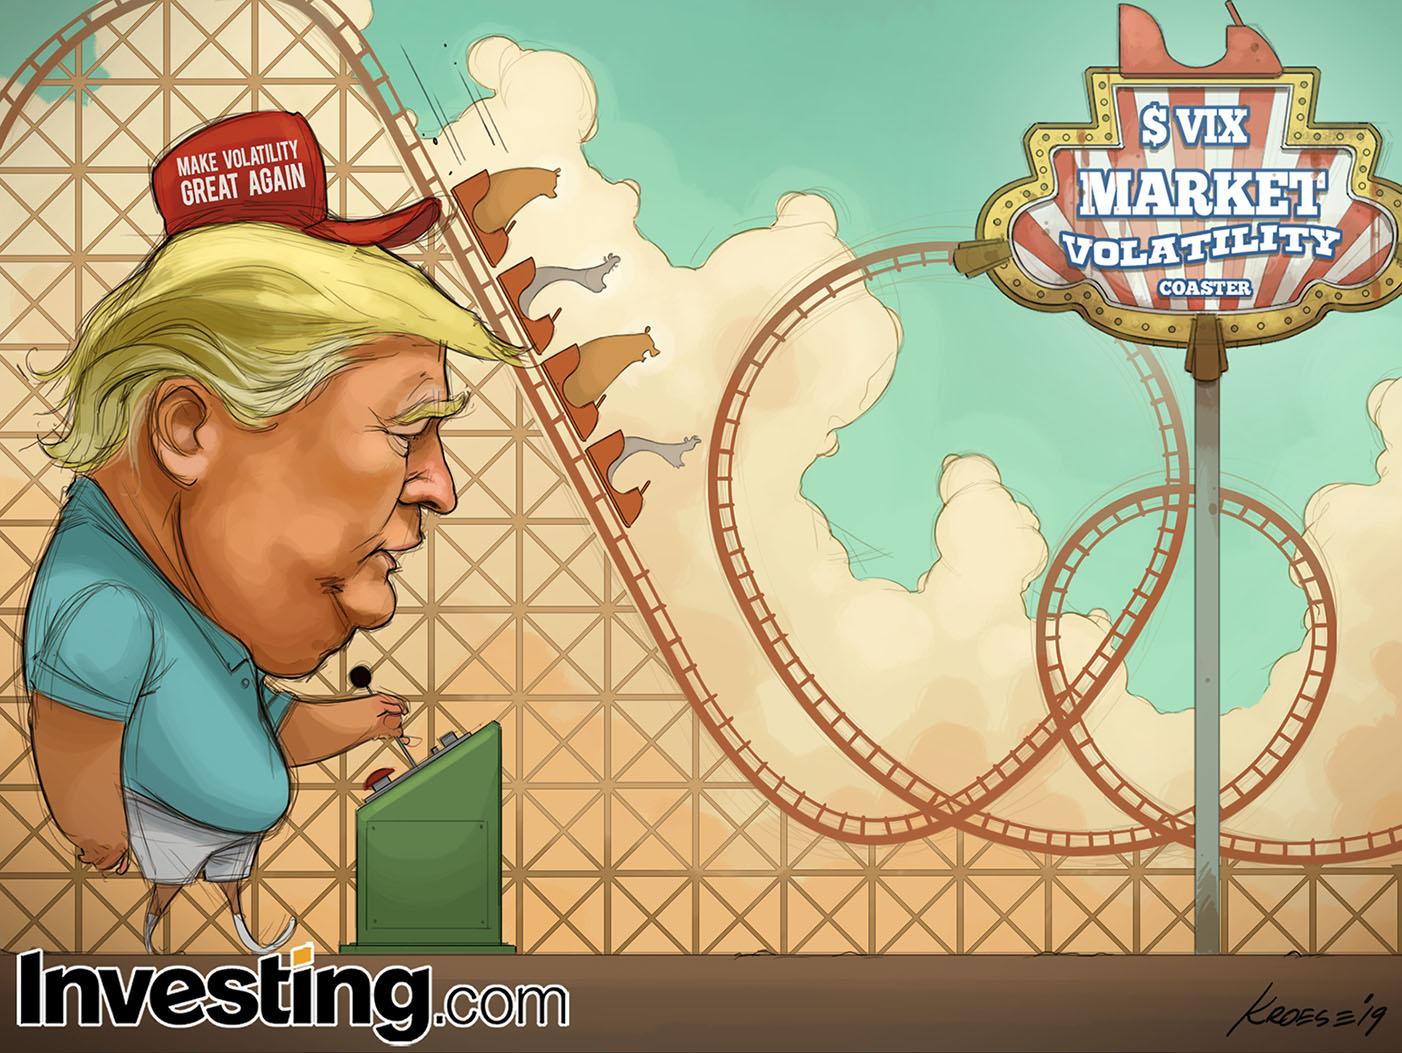 Trump's Trade War Headlines Take Markets On Wild Ride